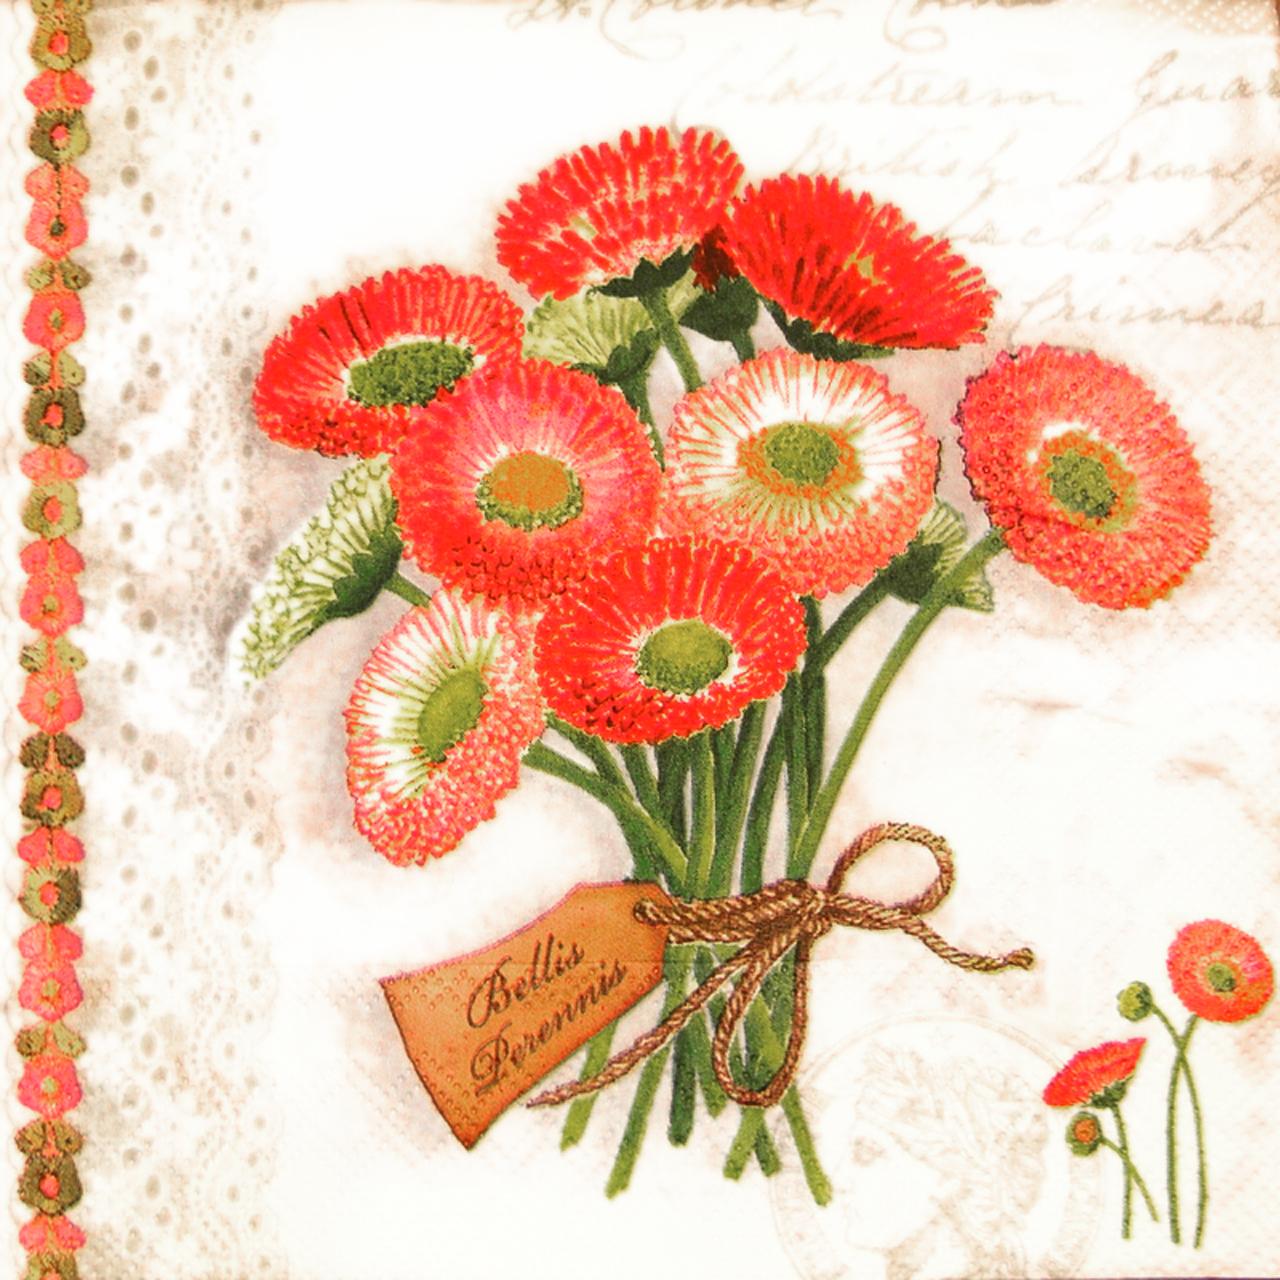 Servetele Decorative Din Hartie Cu Flori Rosii 25